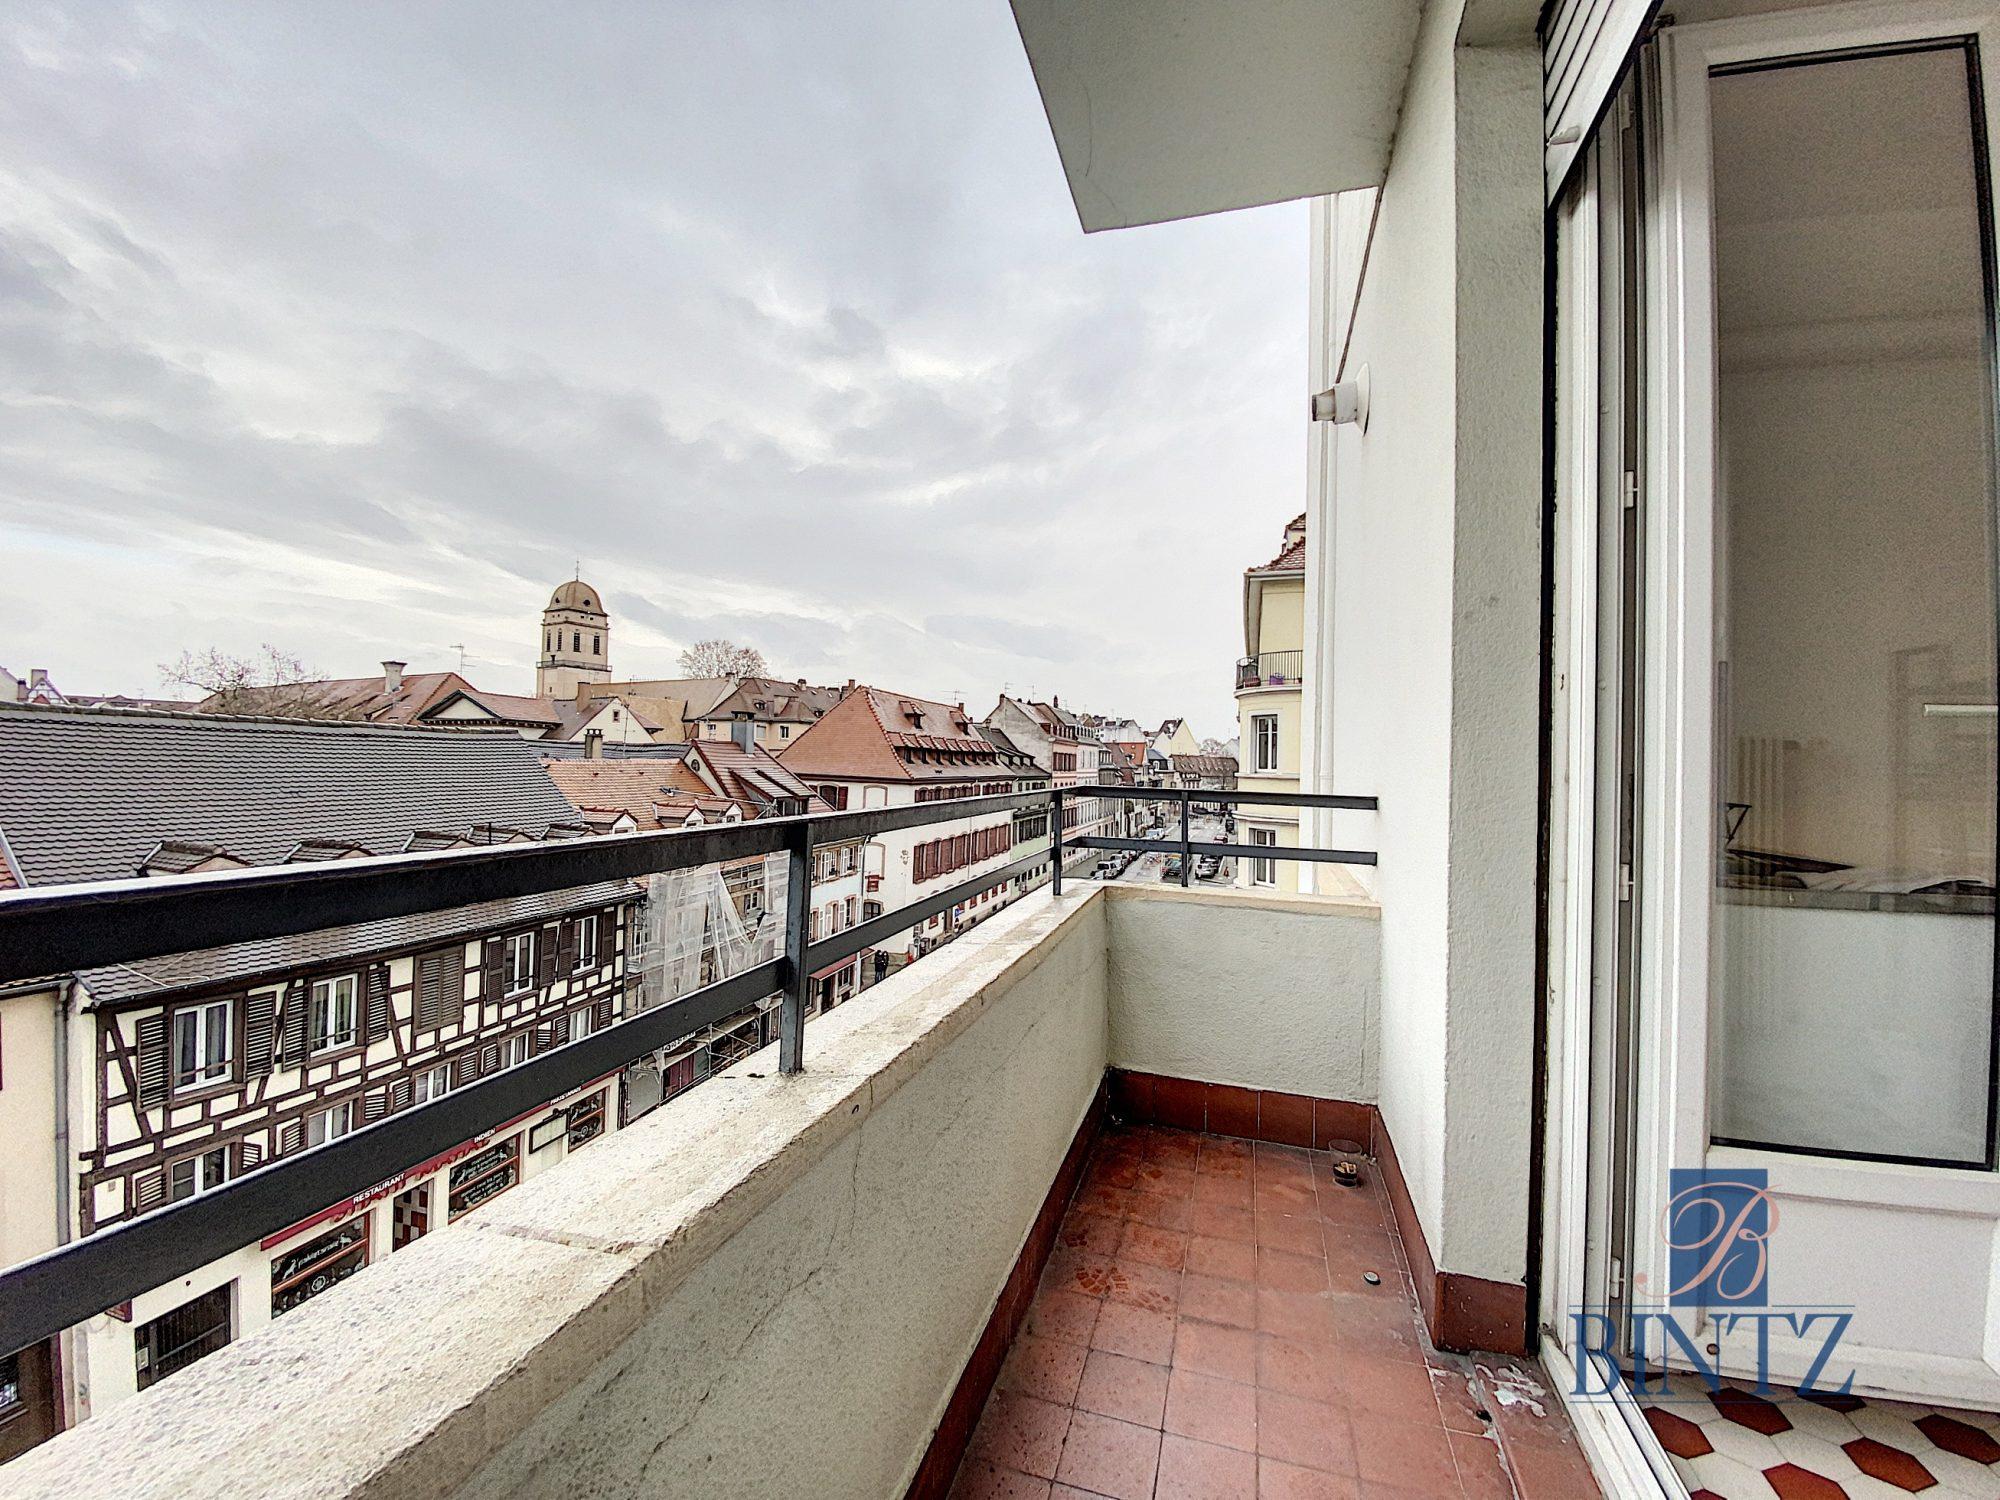 GRAND 1 PIÈCE KRUTENEAU - Devenez locataire en toute sérénité - Bintz Immobilier - 7